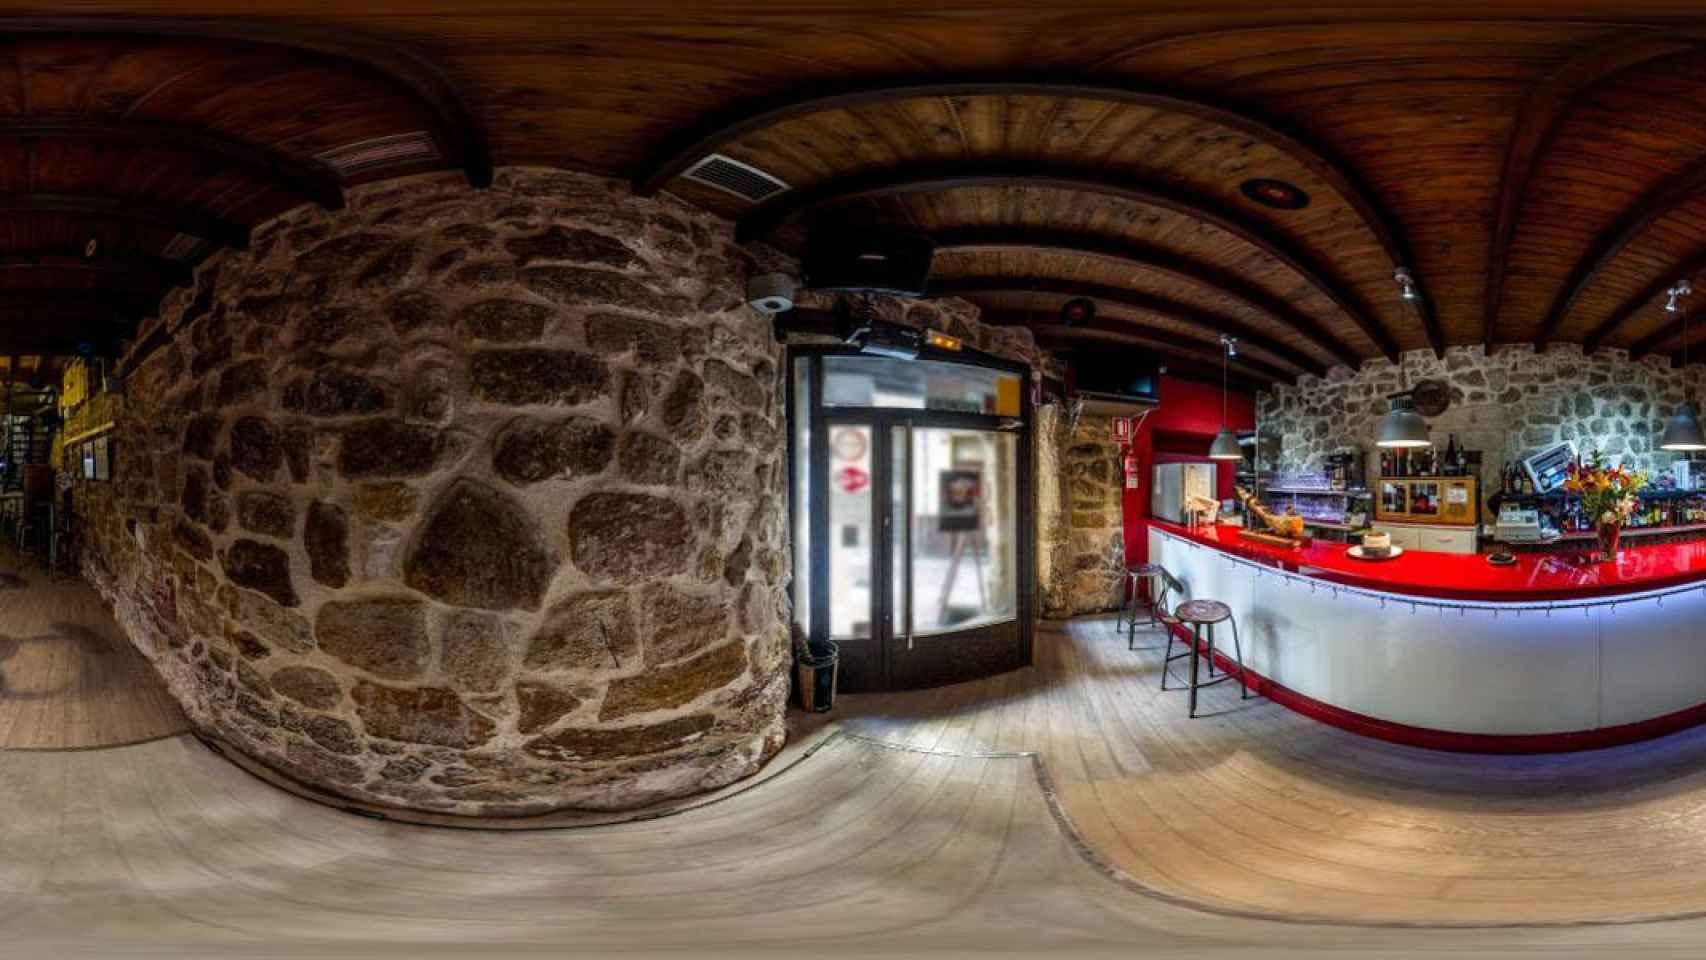 Vista panorámica del interior del establecimiento. /